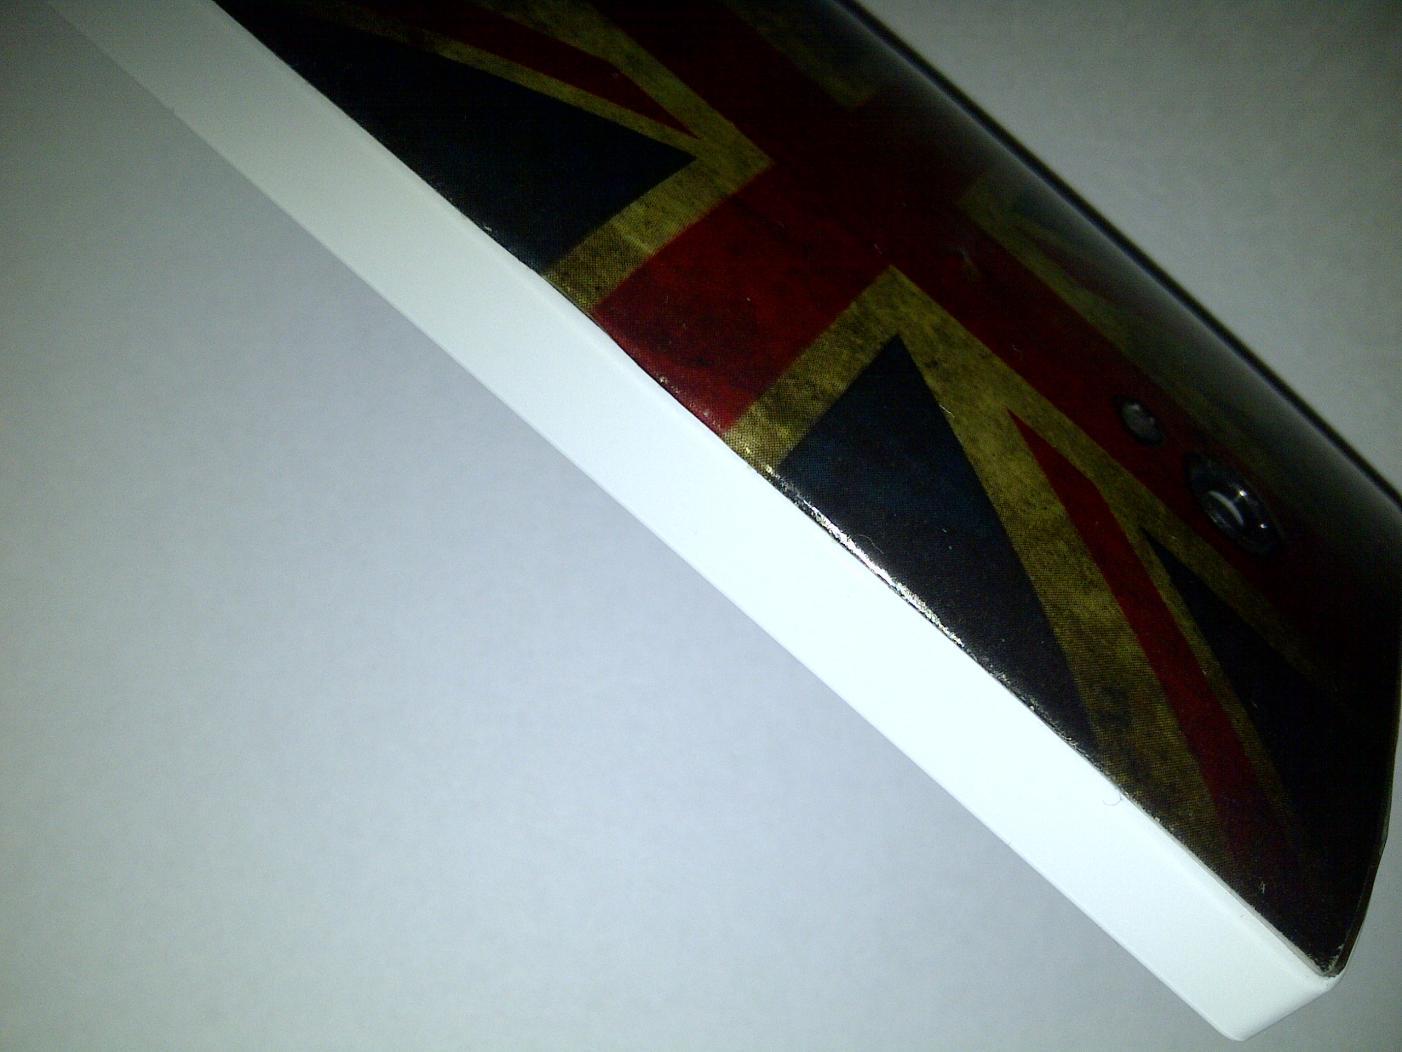 Carcasa X26i img-20121118-00221-jpg.6324